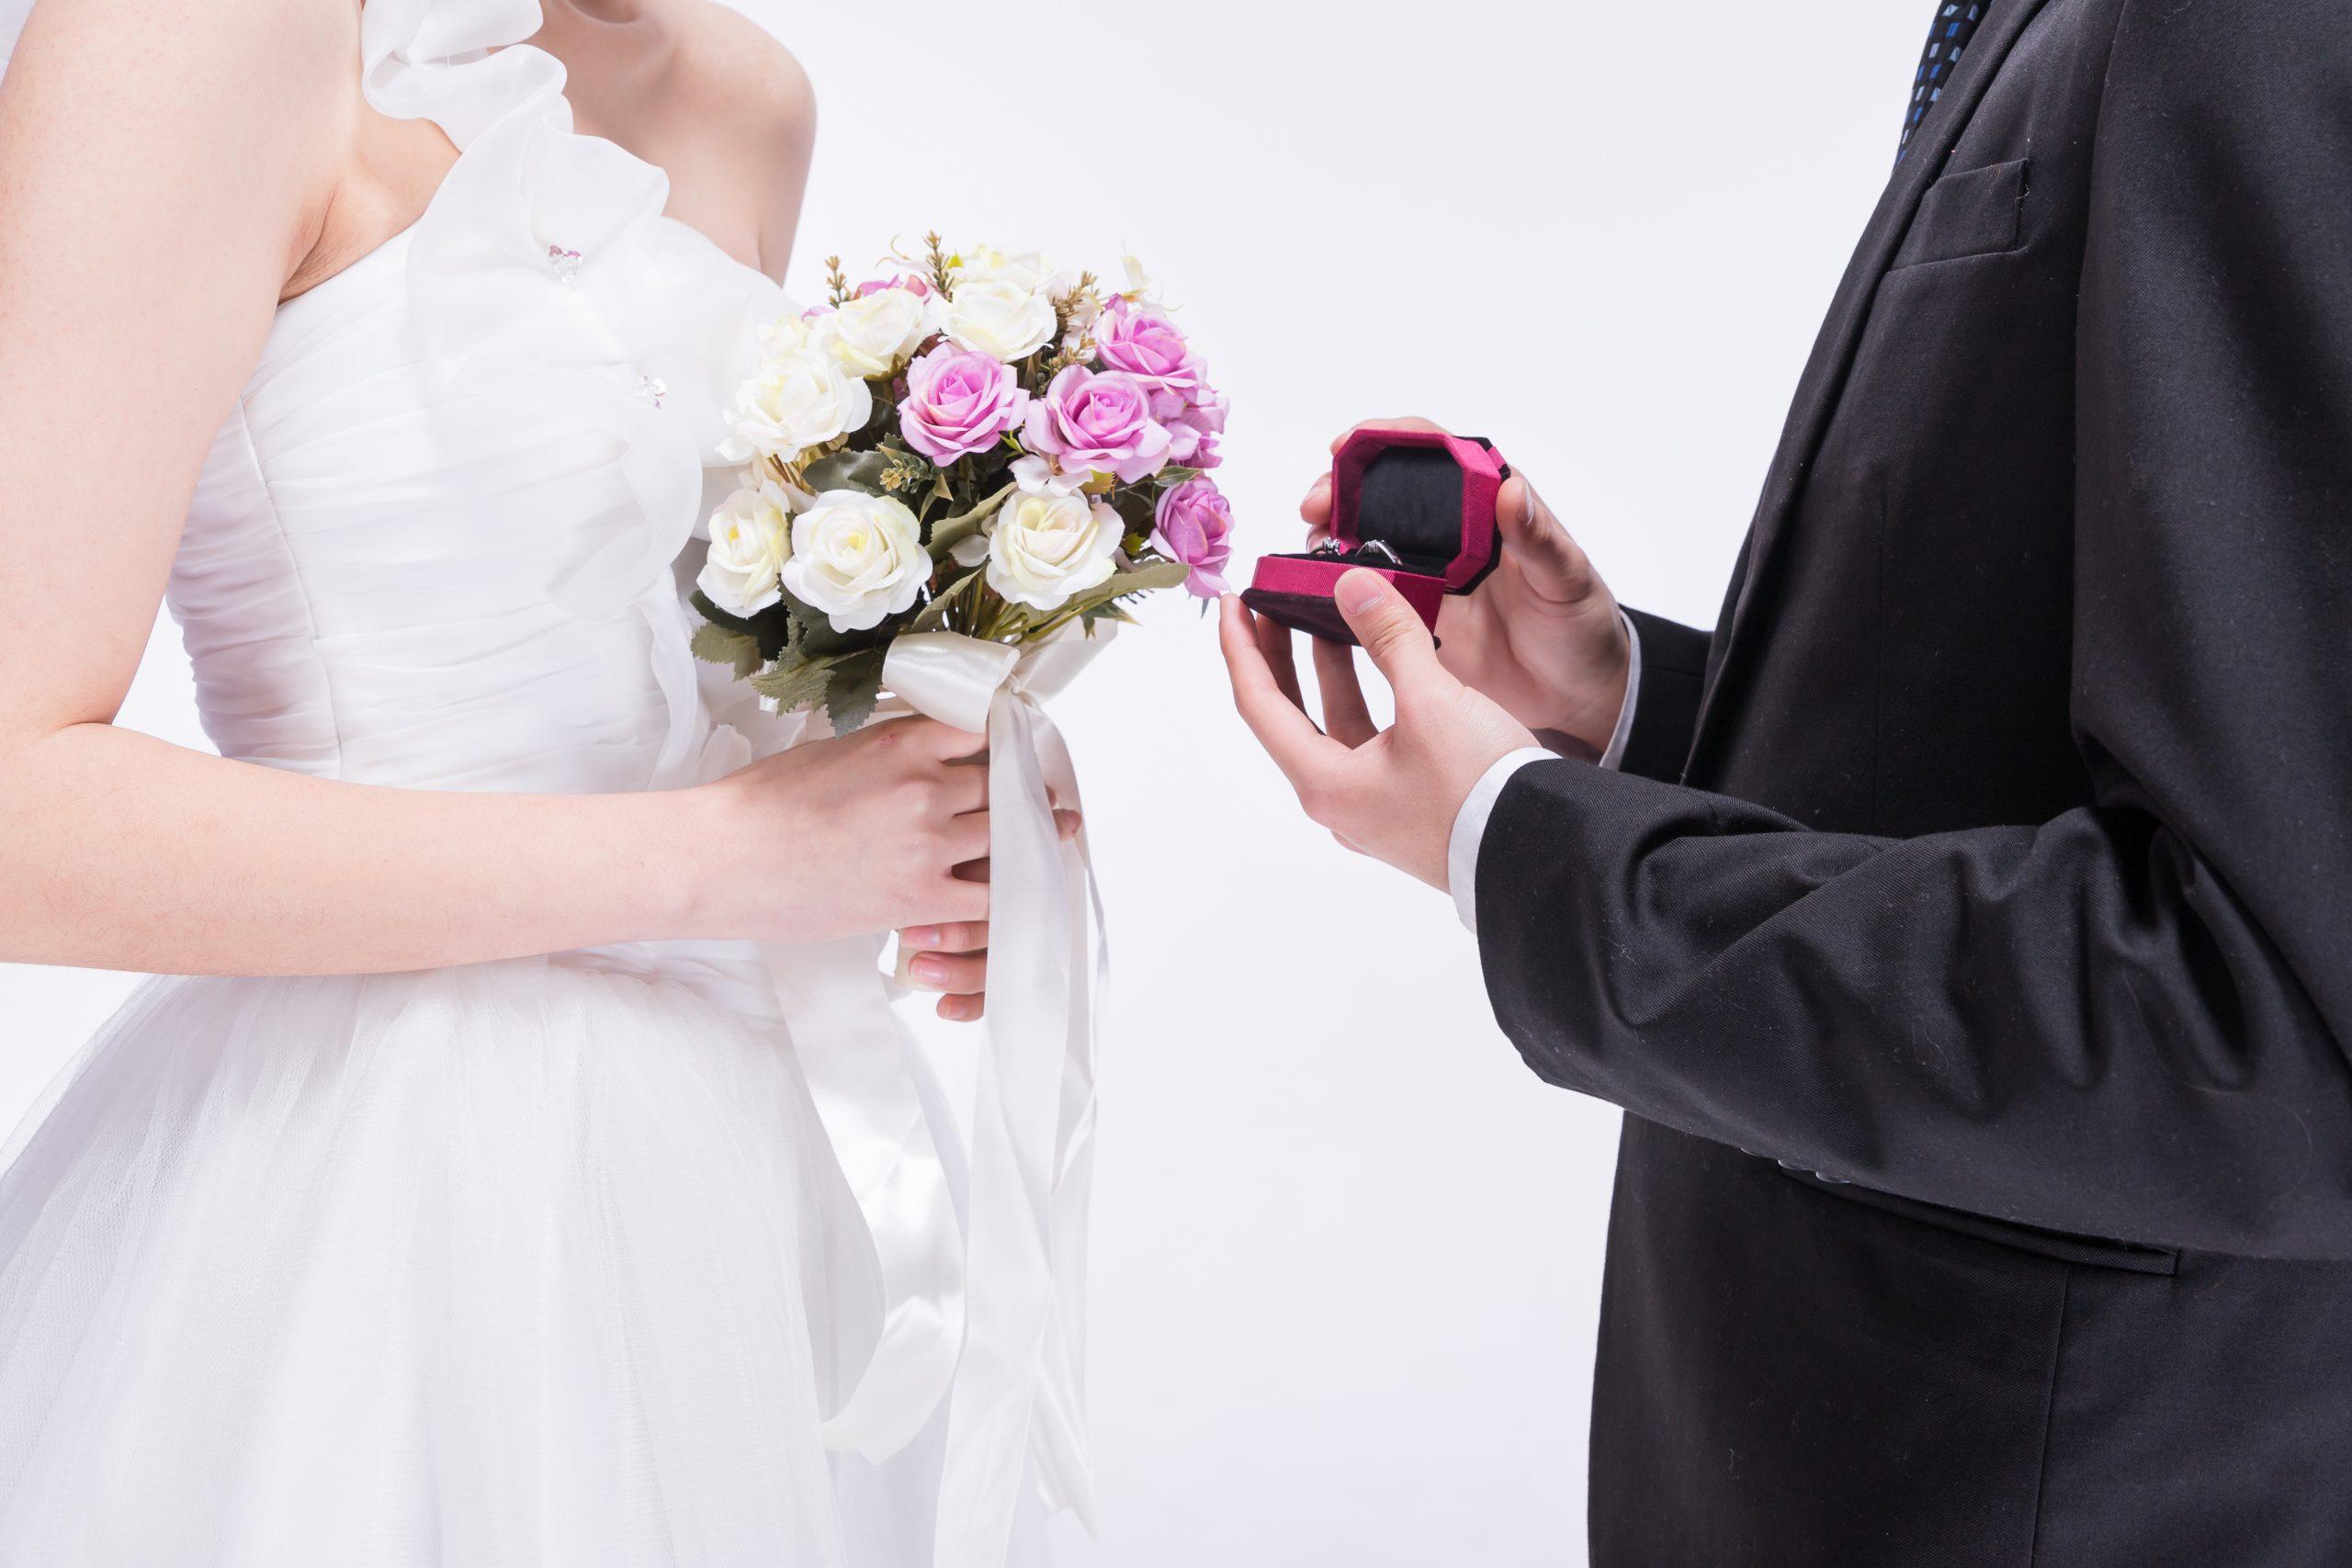 八字合婚怎么看?怎样看俩人八字是否相合